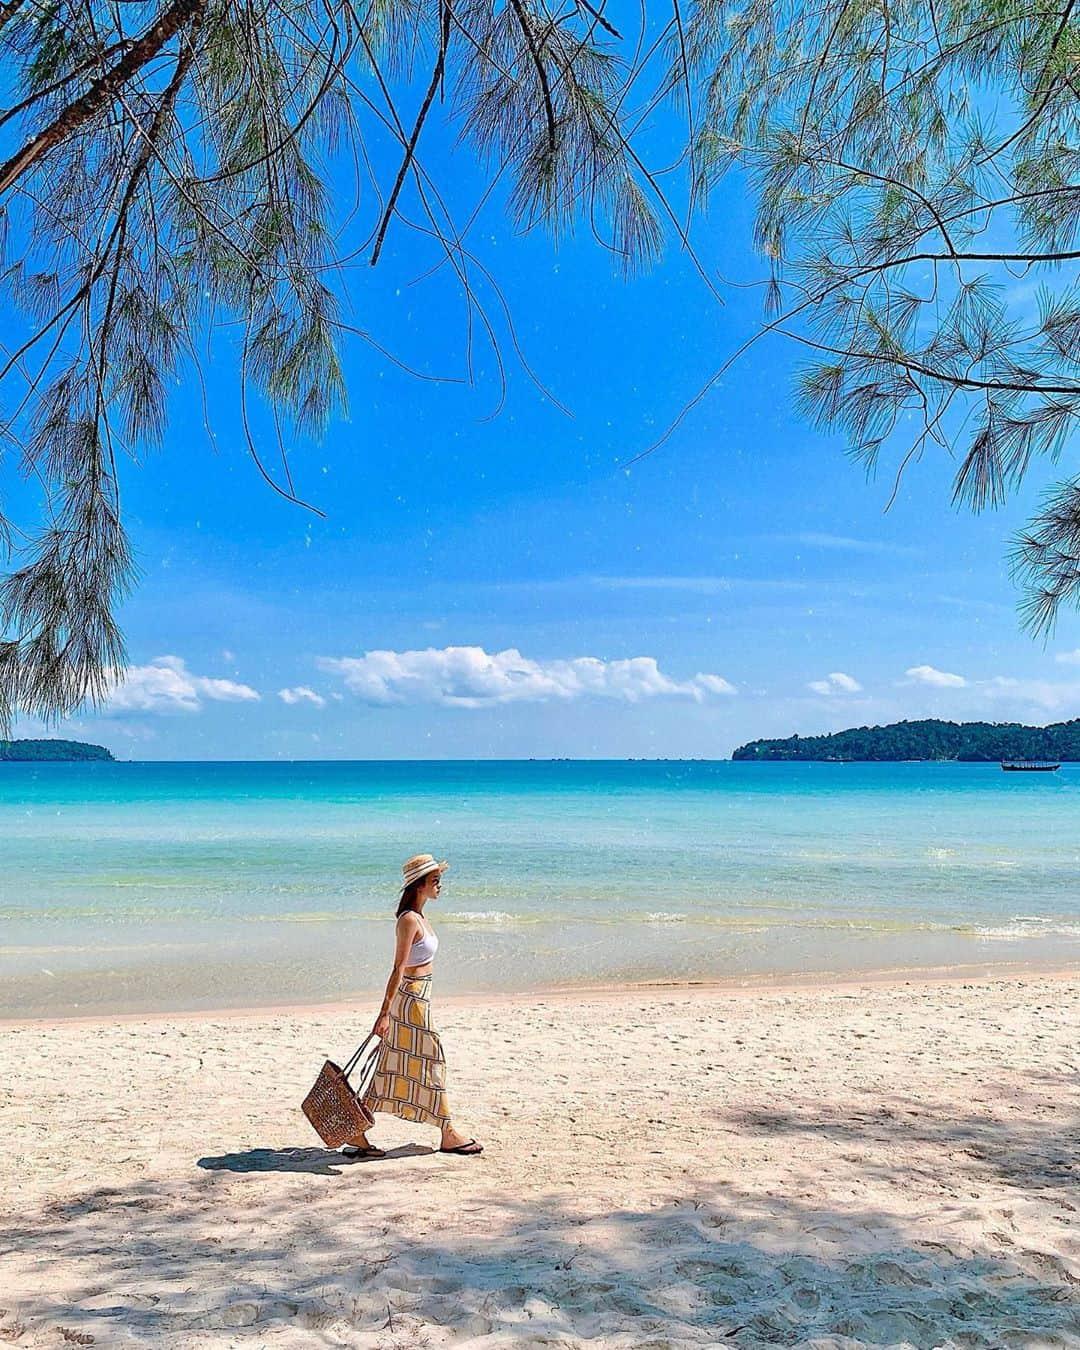 Dạo bước trên biển. Hình: @truonghoang.maianh